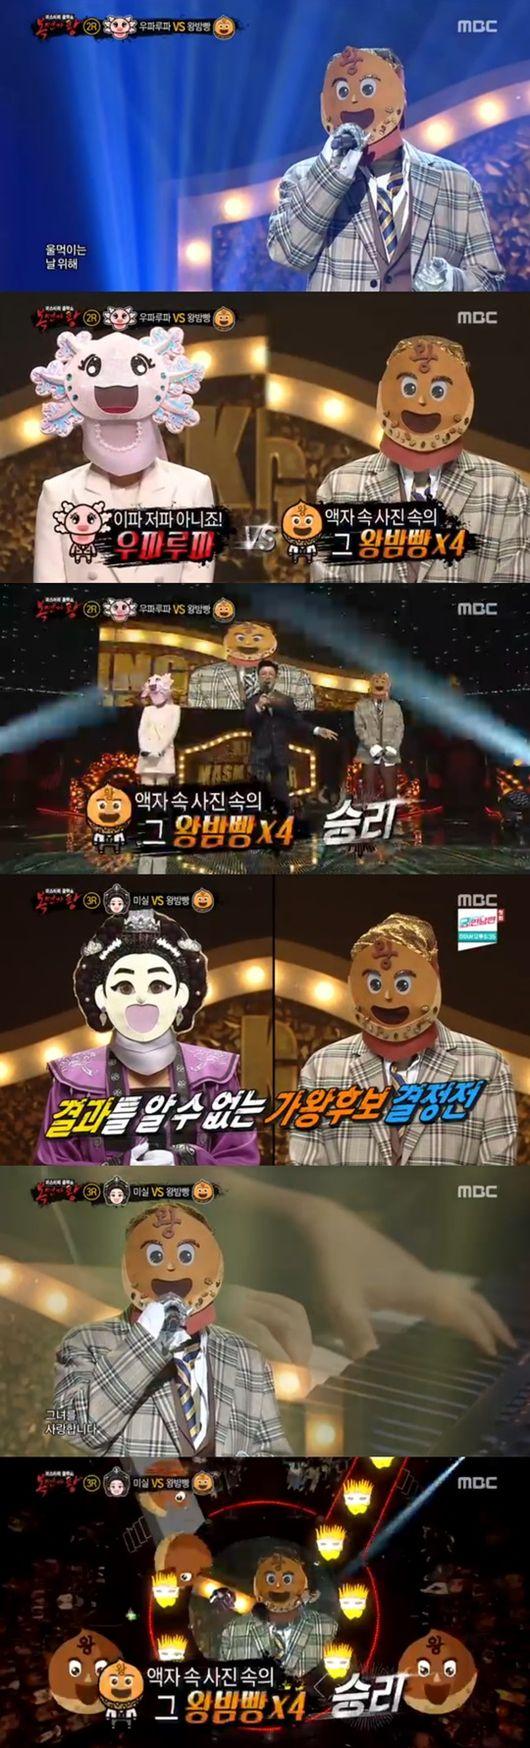 복면가왕 왕밤빵, 솔지 6연승 저지한 여심저격 新가왕 [Oh!쎈 리뷰]